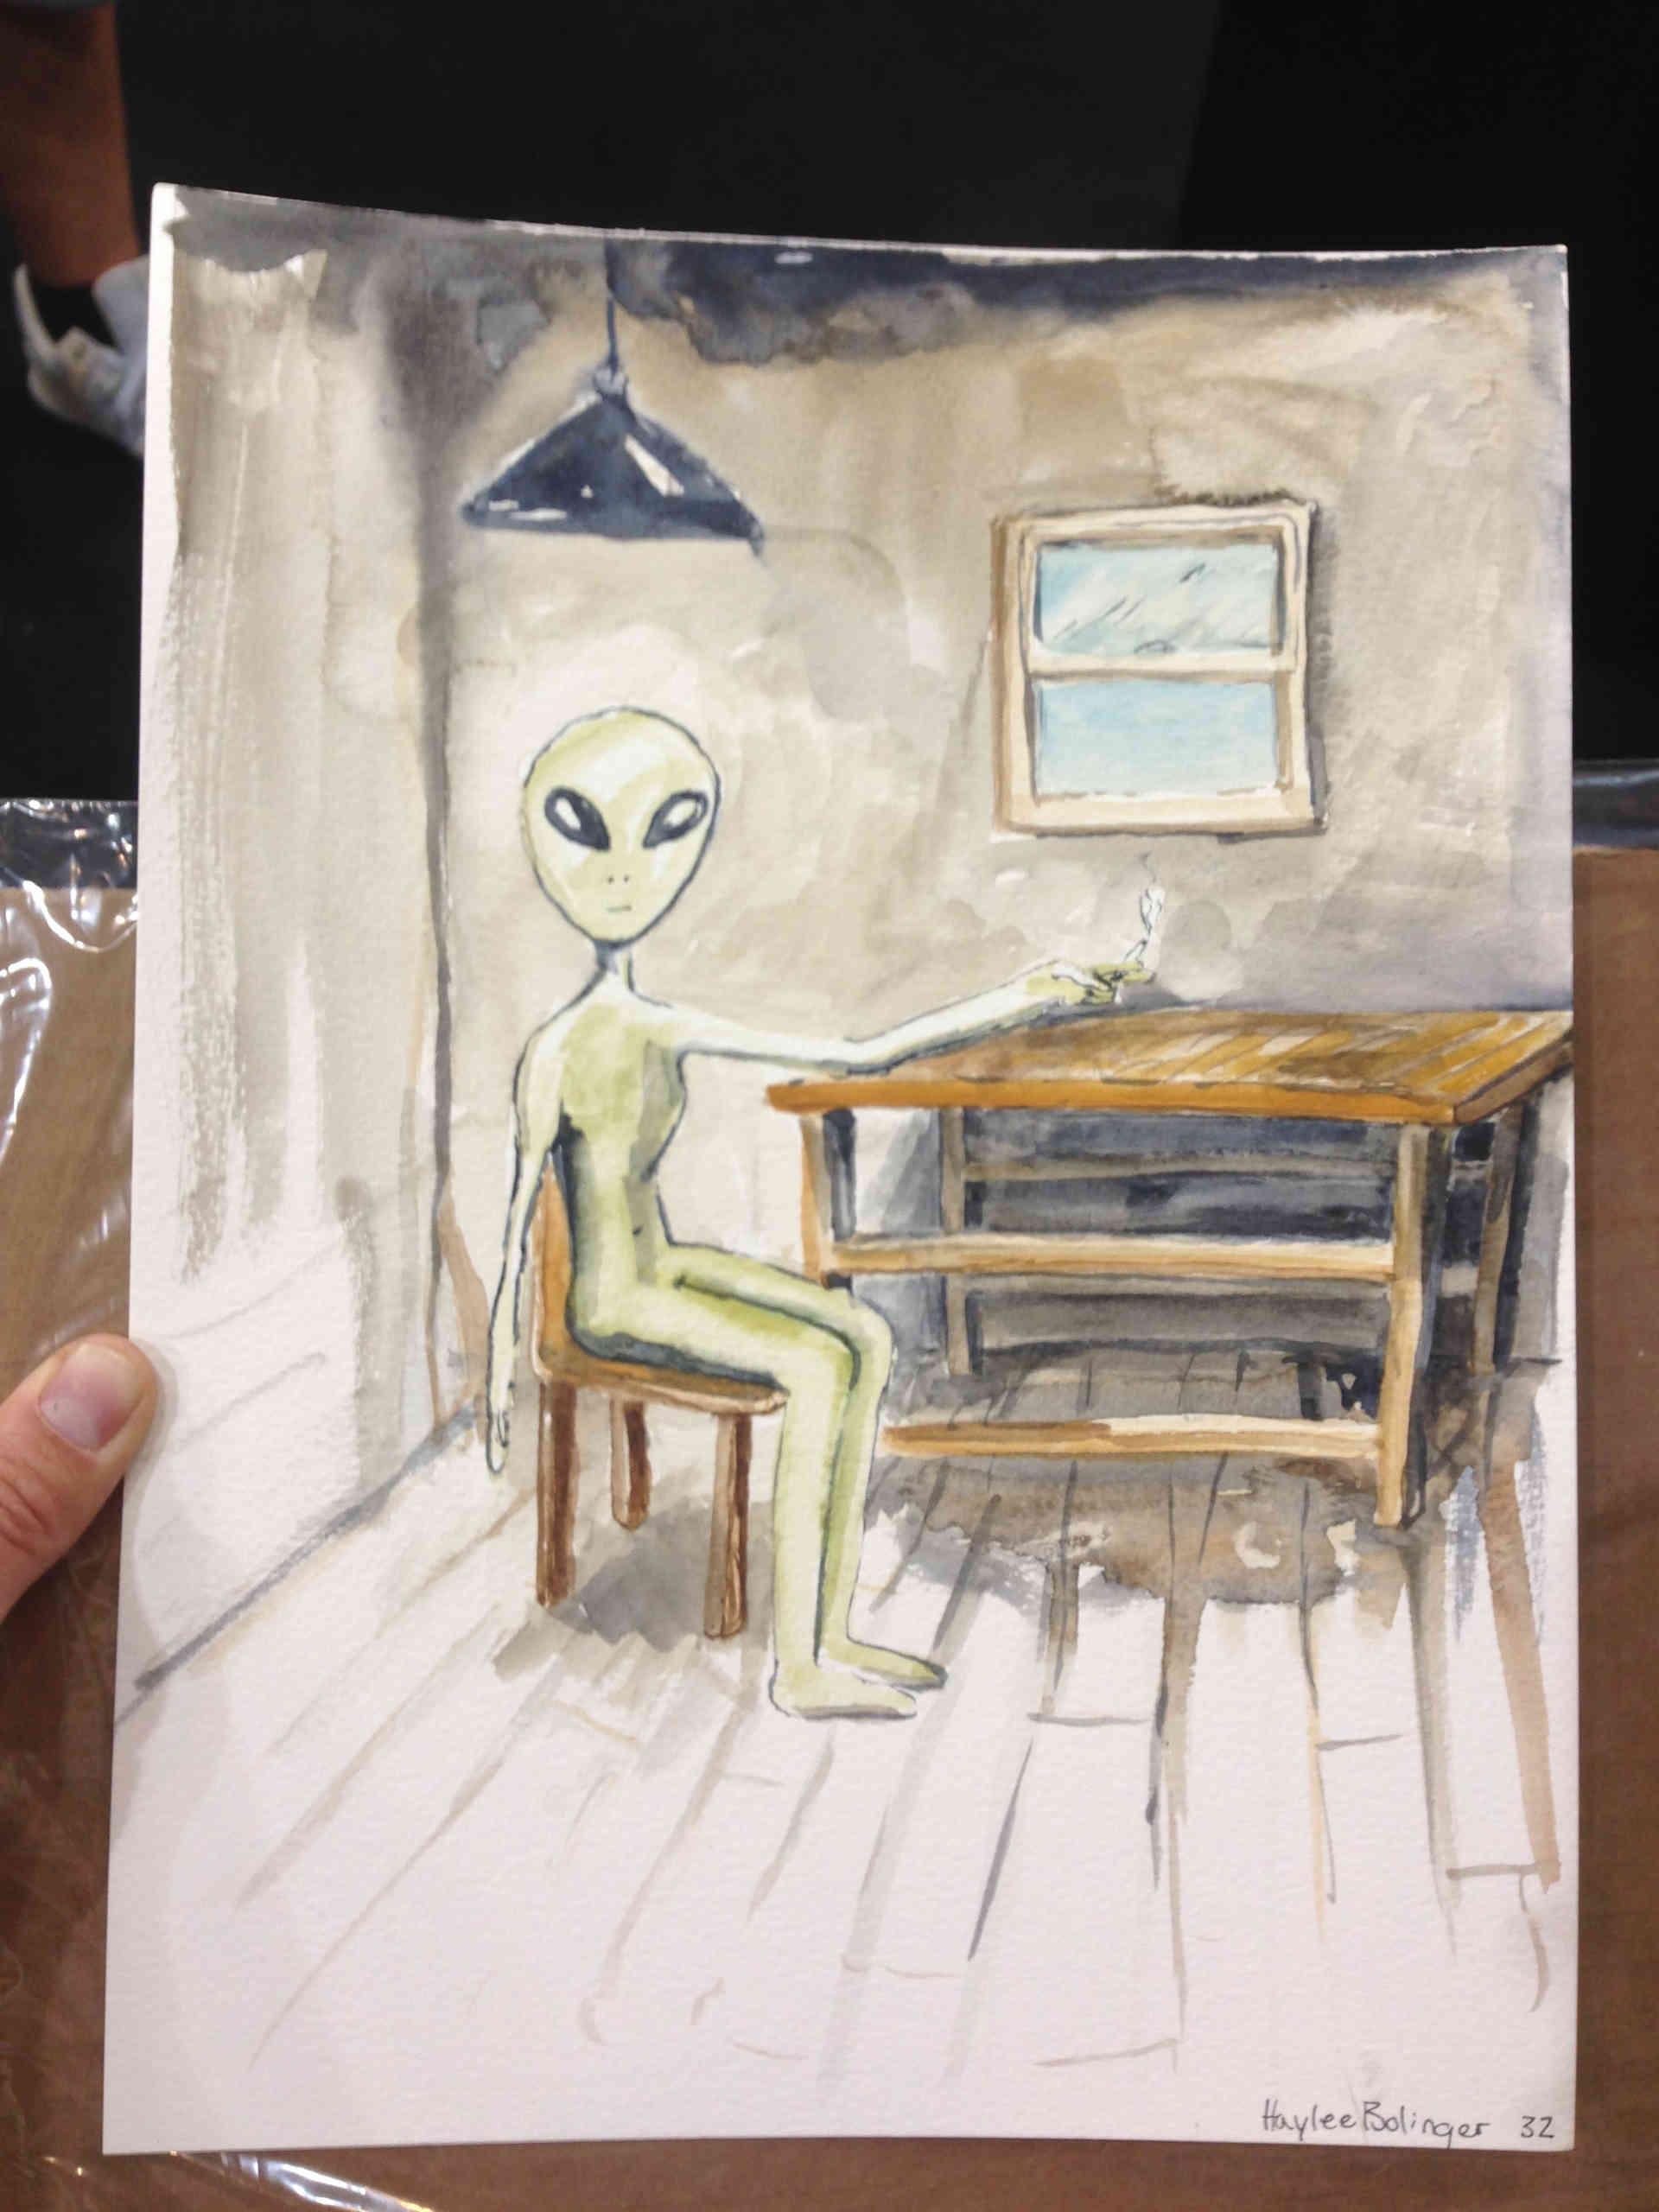 Smoking Alien?!